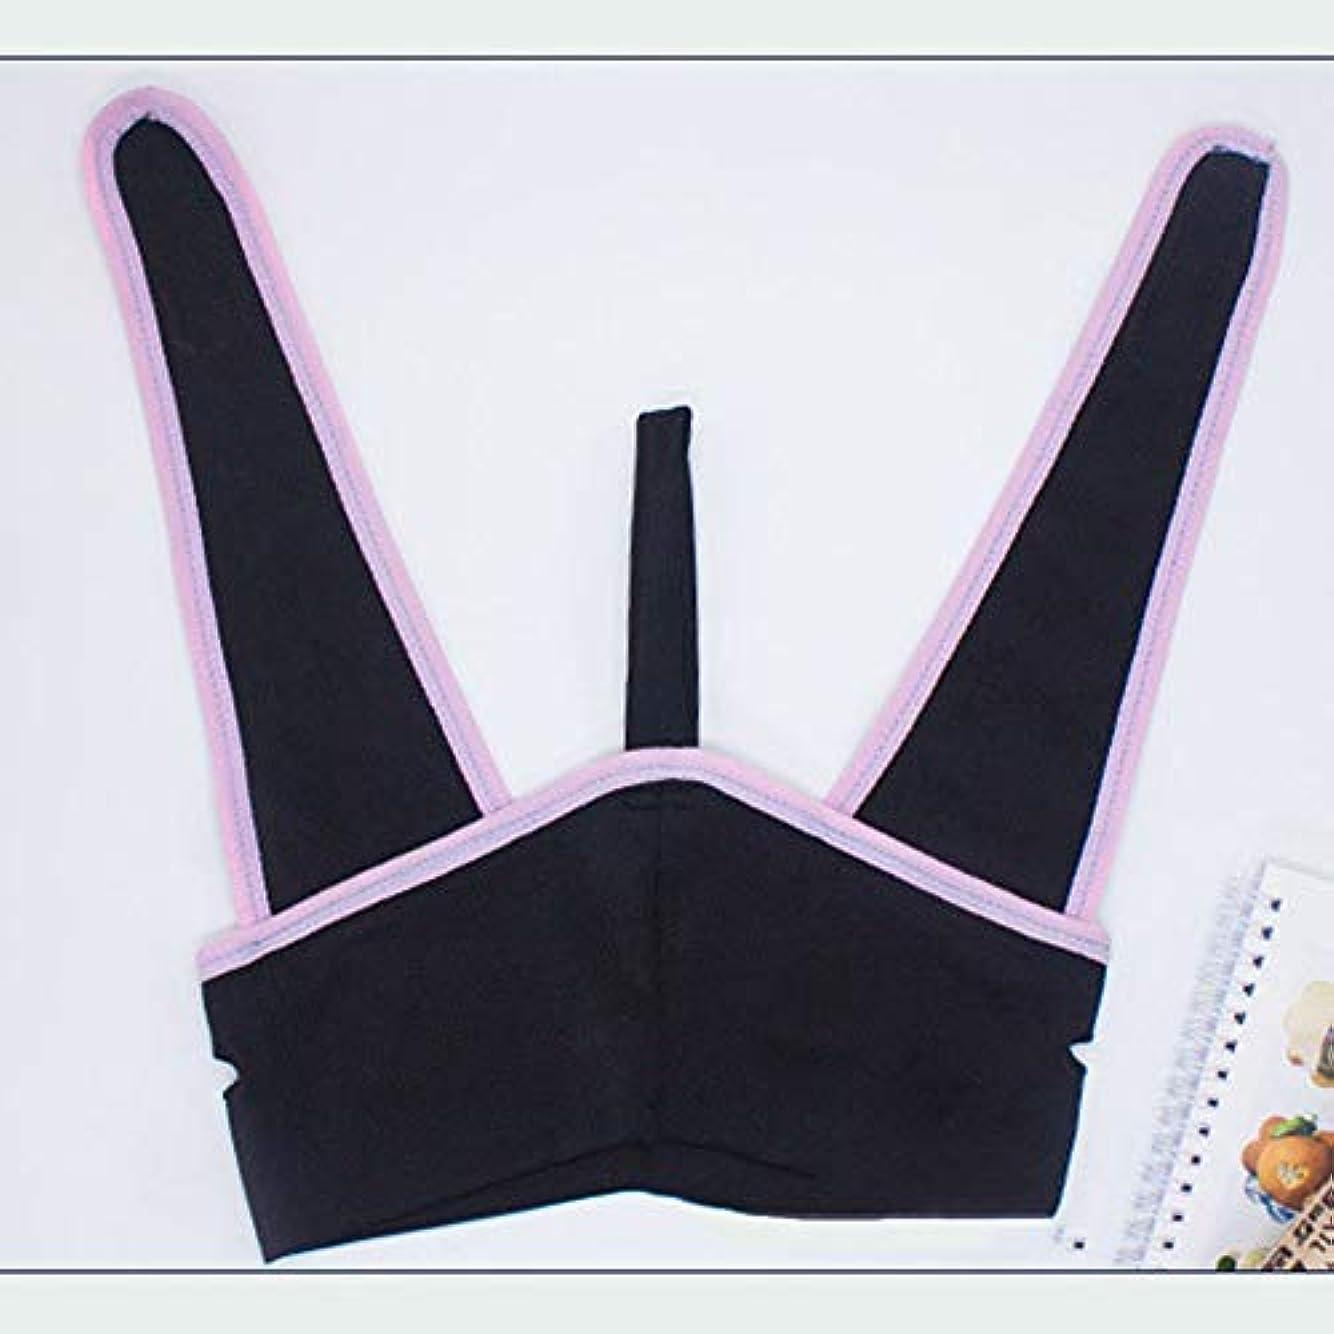 エジプト番目欲望フェイスリフティング包帯、フェイスリフティングマスク/フェイスリフティングマスク/マスク包帯リフティング引き締めフェイスリフト二重あご女性抗脂肪,L